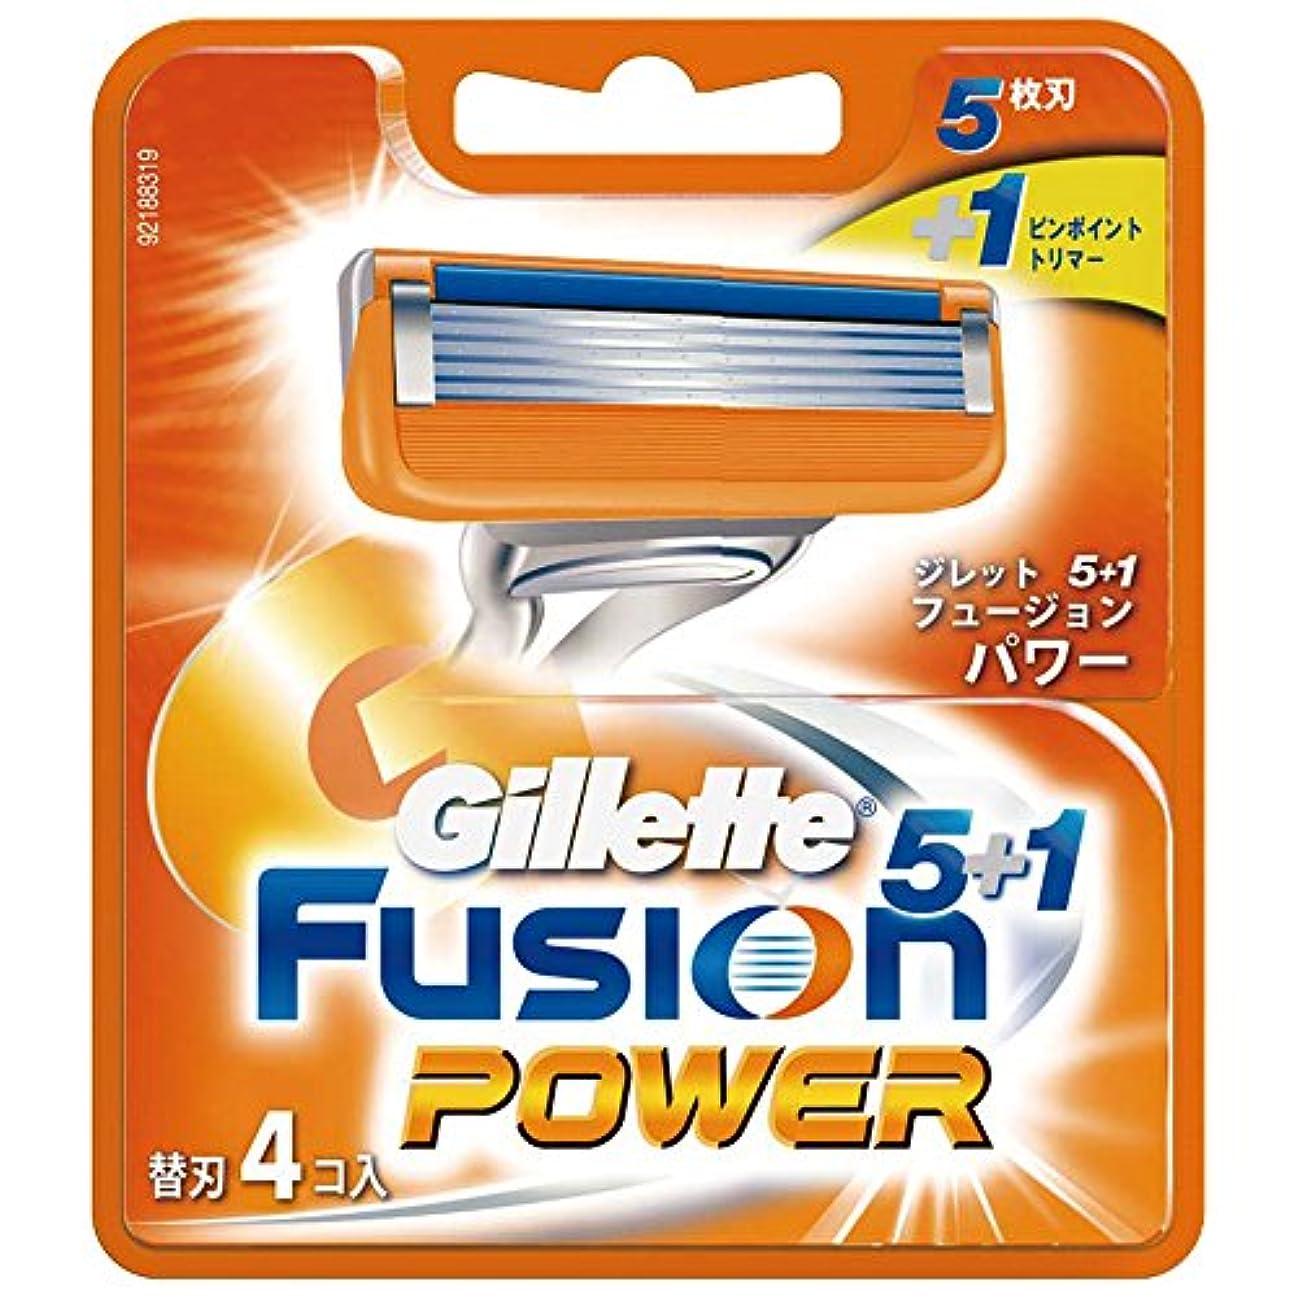 端レイア第四ジレット 髭剃り フュージョン5+1 パワー 替刃4個入